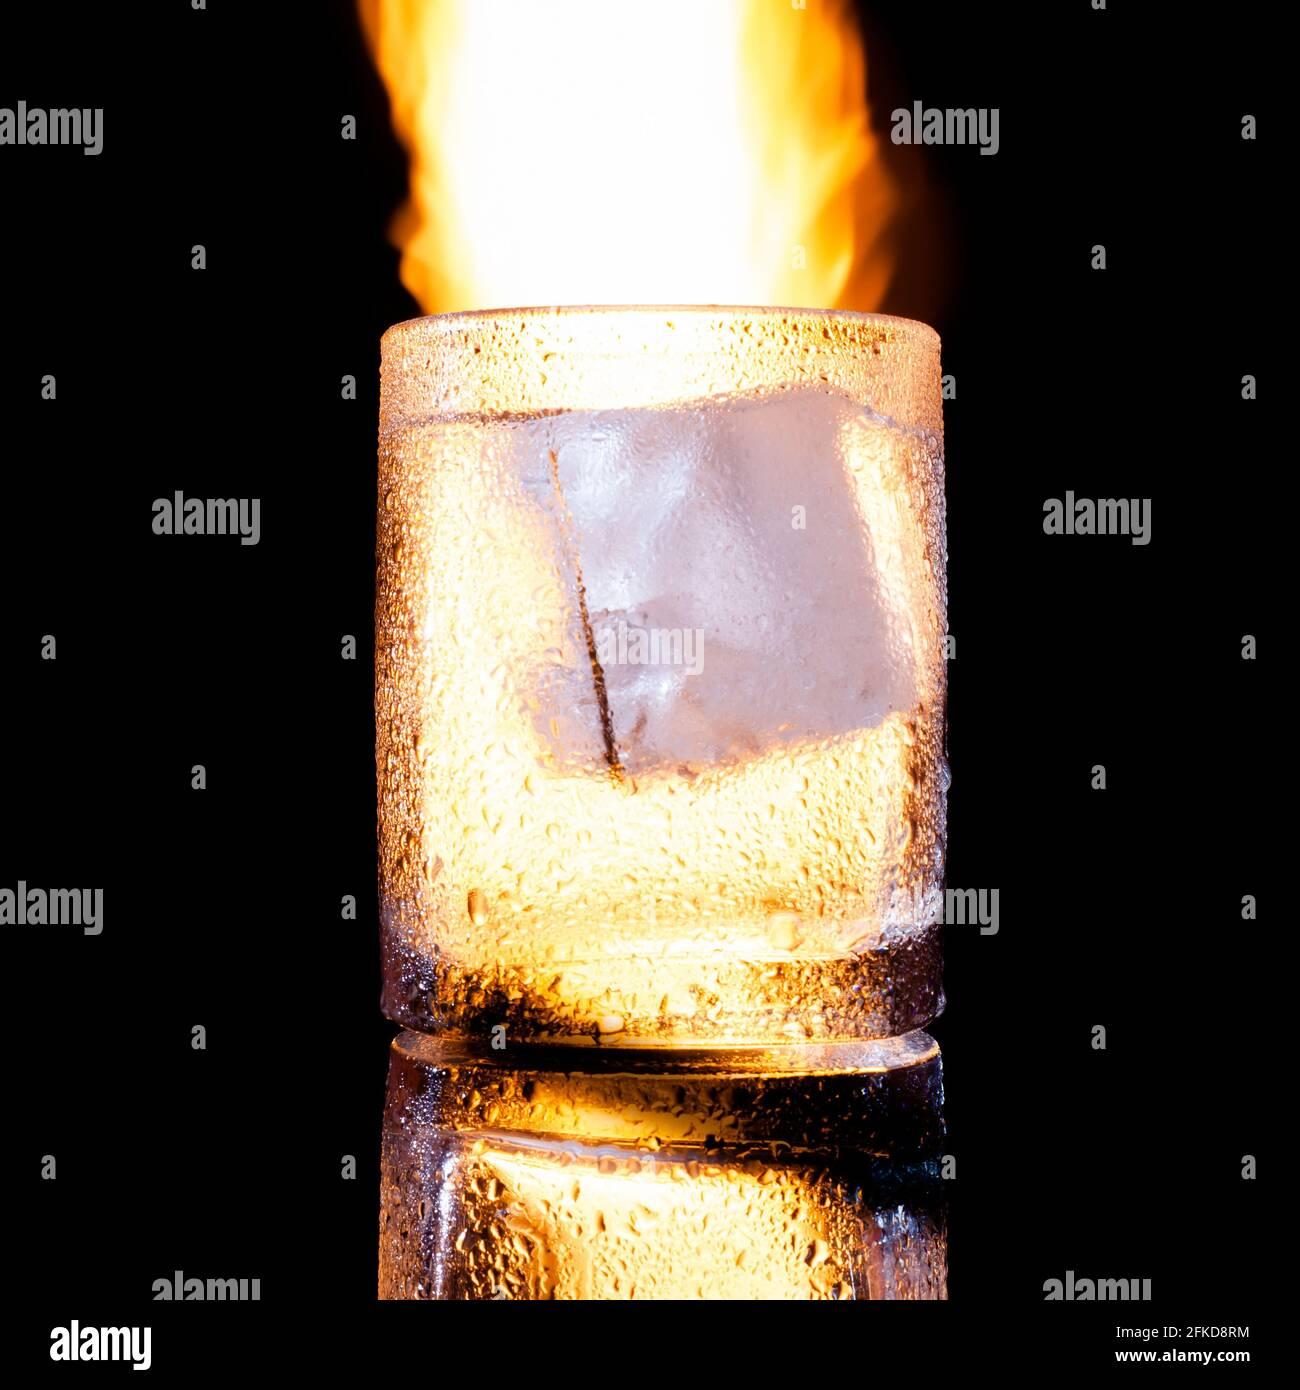 Glas mit einem Stück Eis vor dem Hintergrund von Feuer Stockfoto